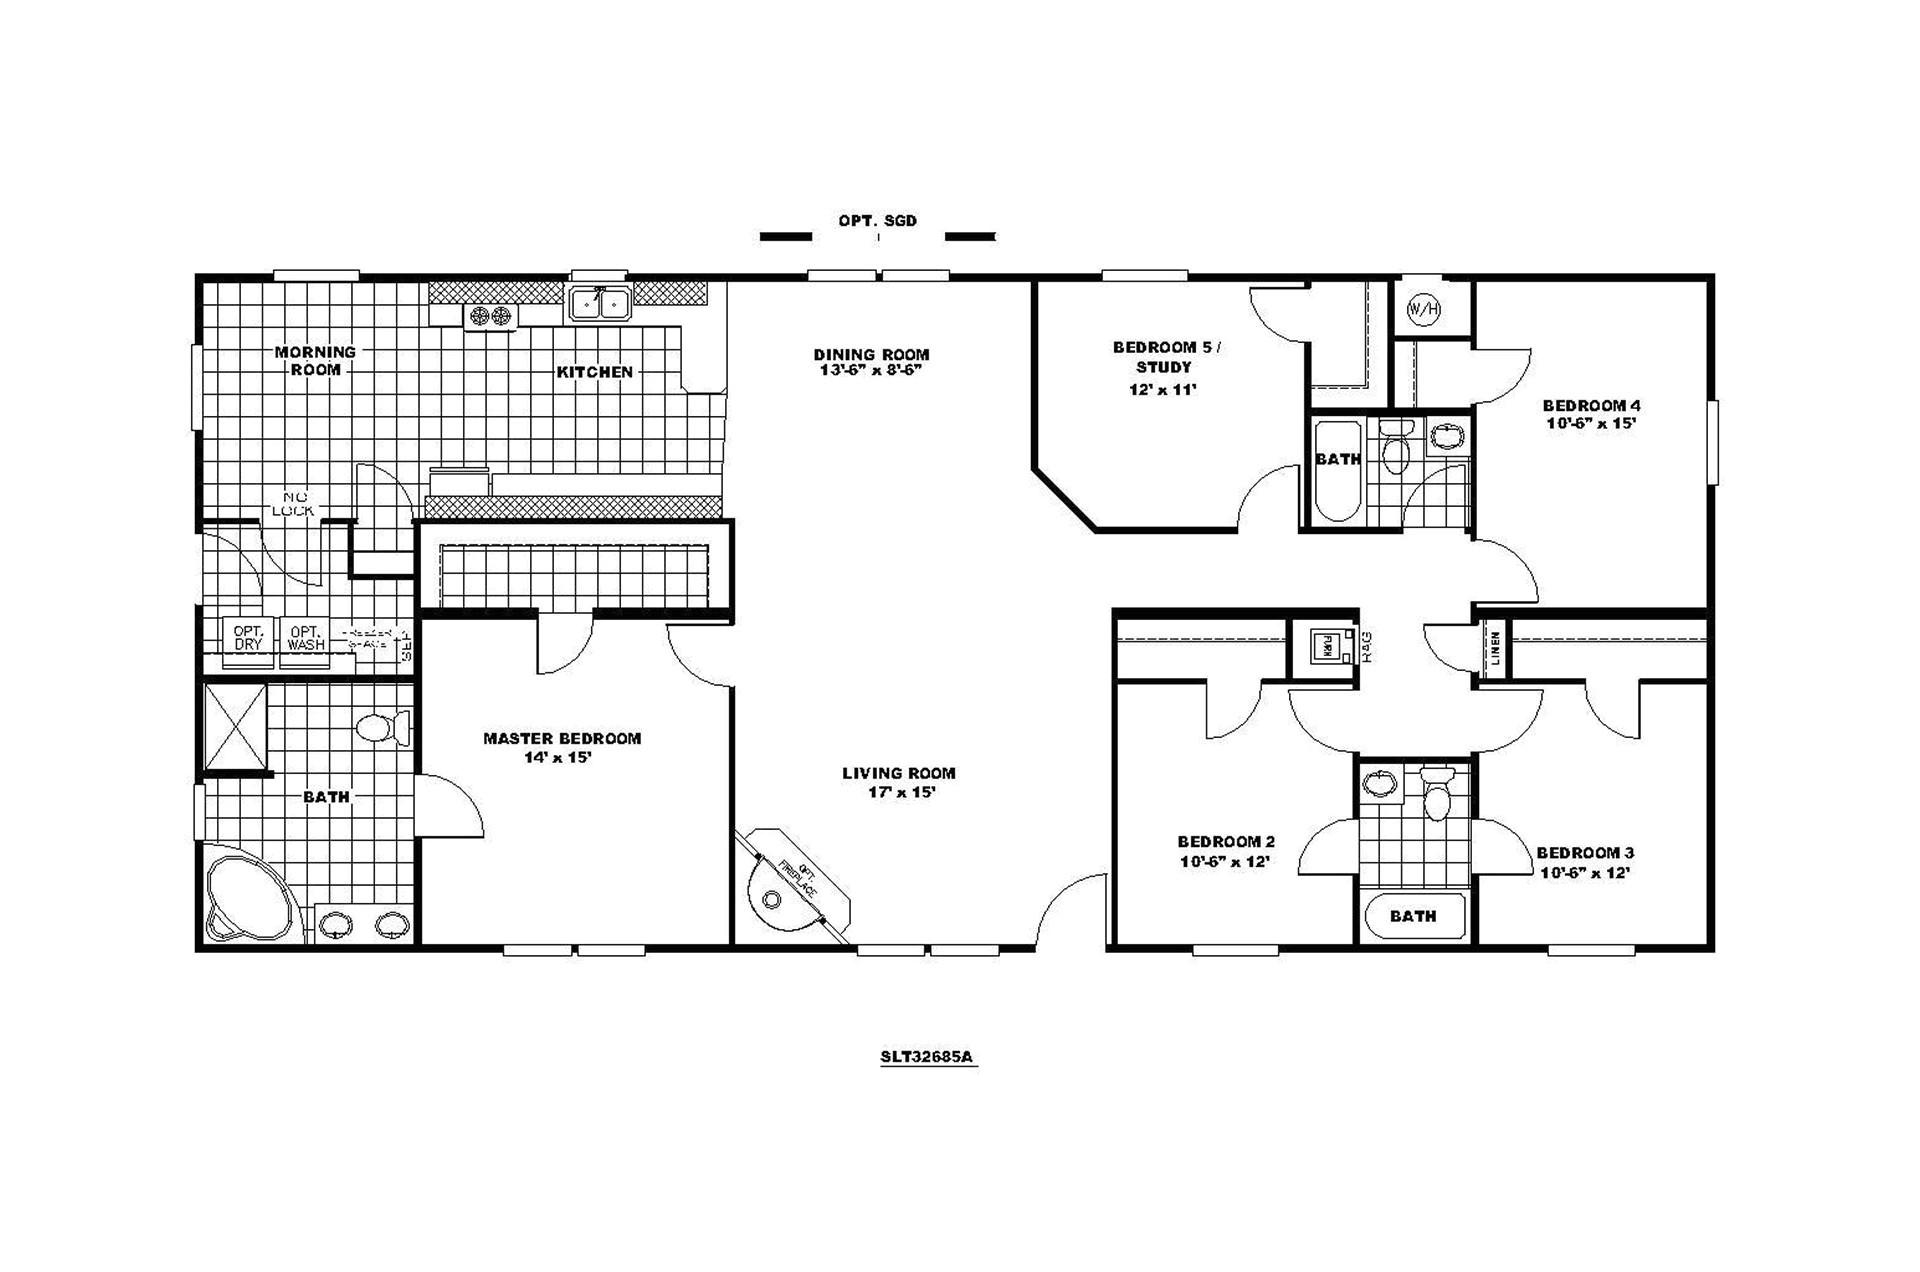 6 bedroom modular home floor plans